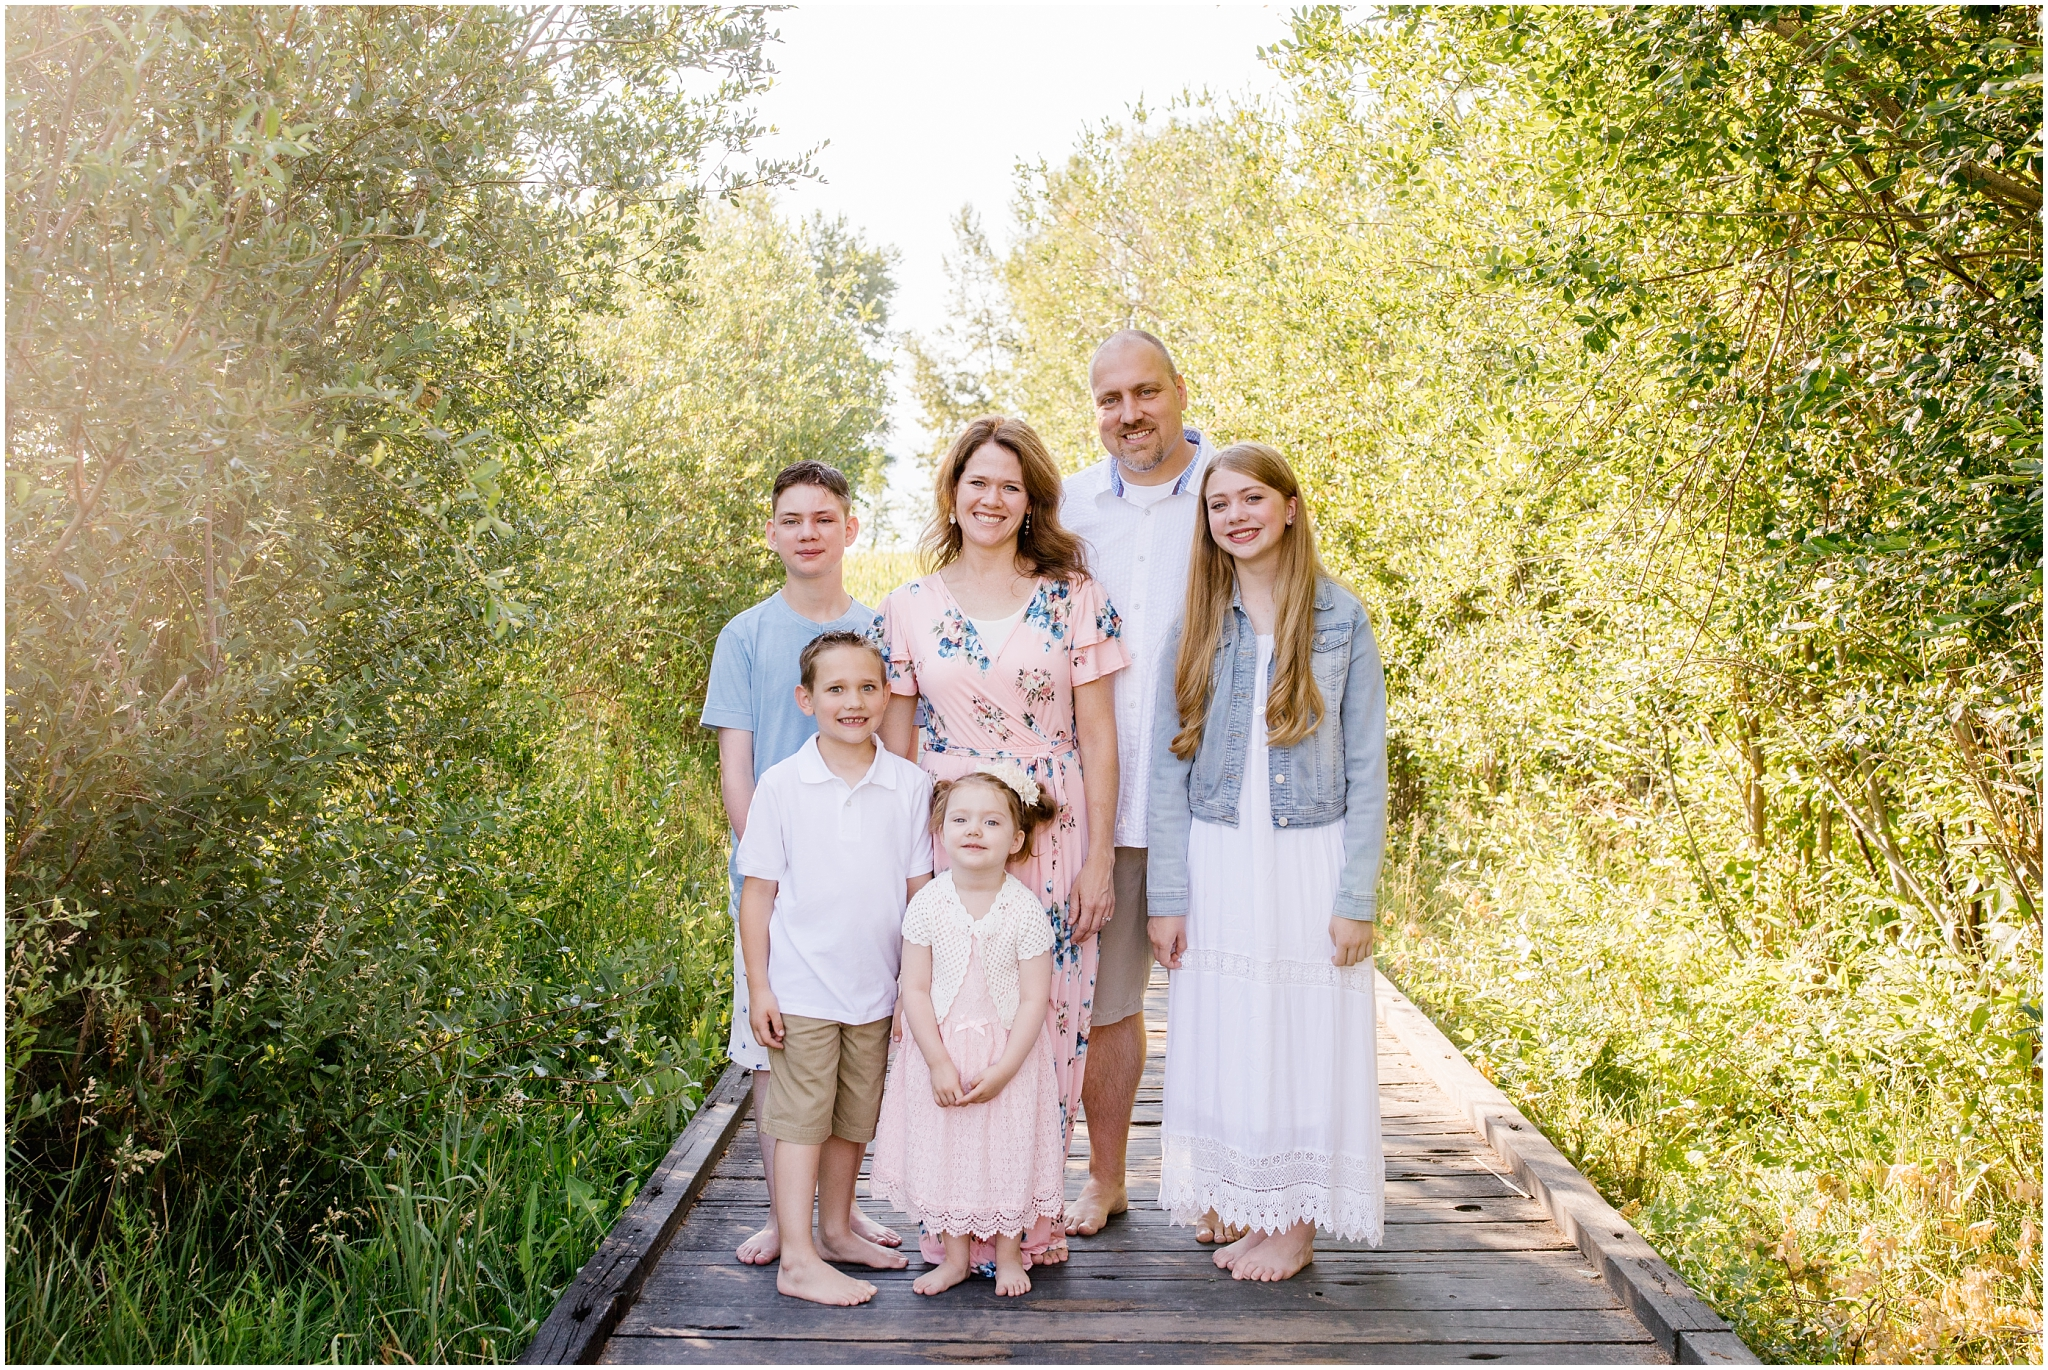 Harris-114_Lizzie-B-Imagery-Utah-Family-Photographer-Park-City-Salt-Lake-City-Bear-Lake-Idaho.jpg